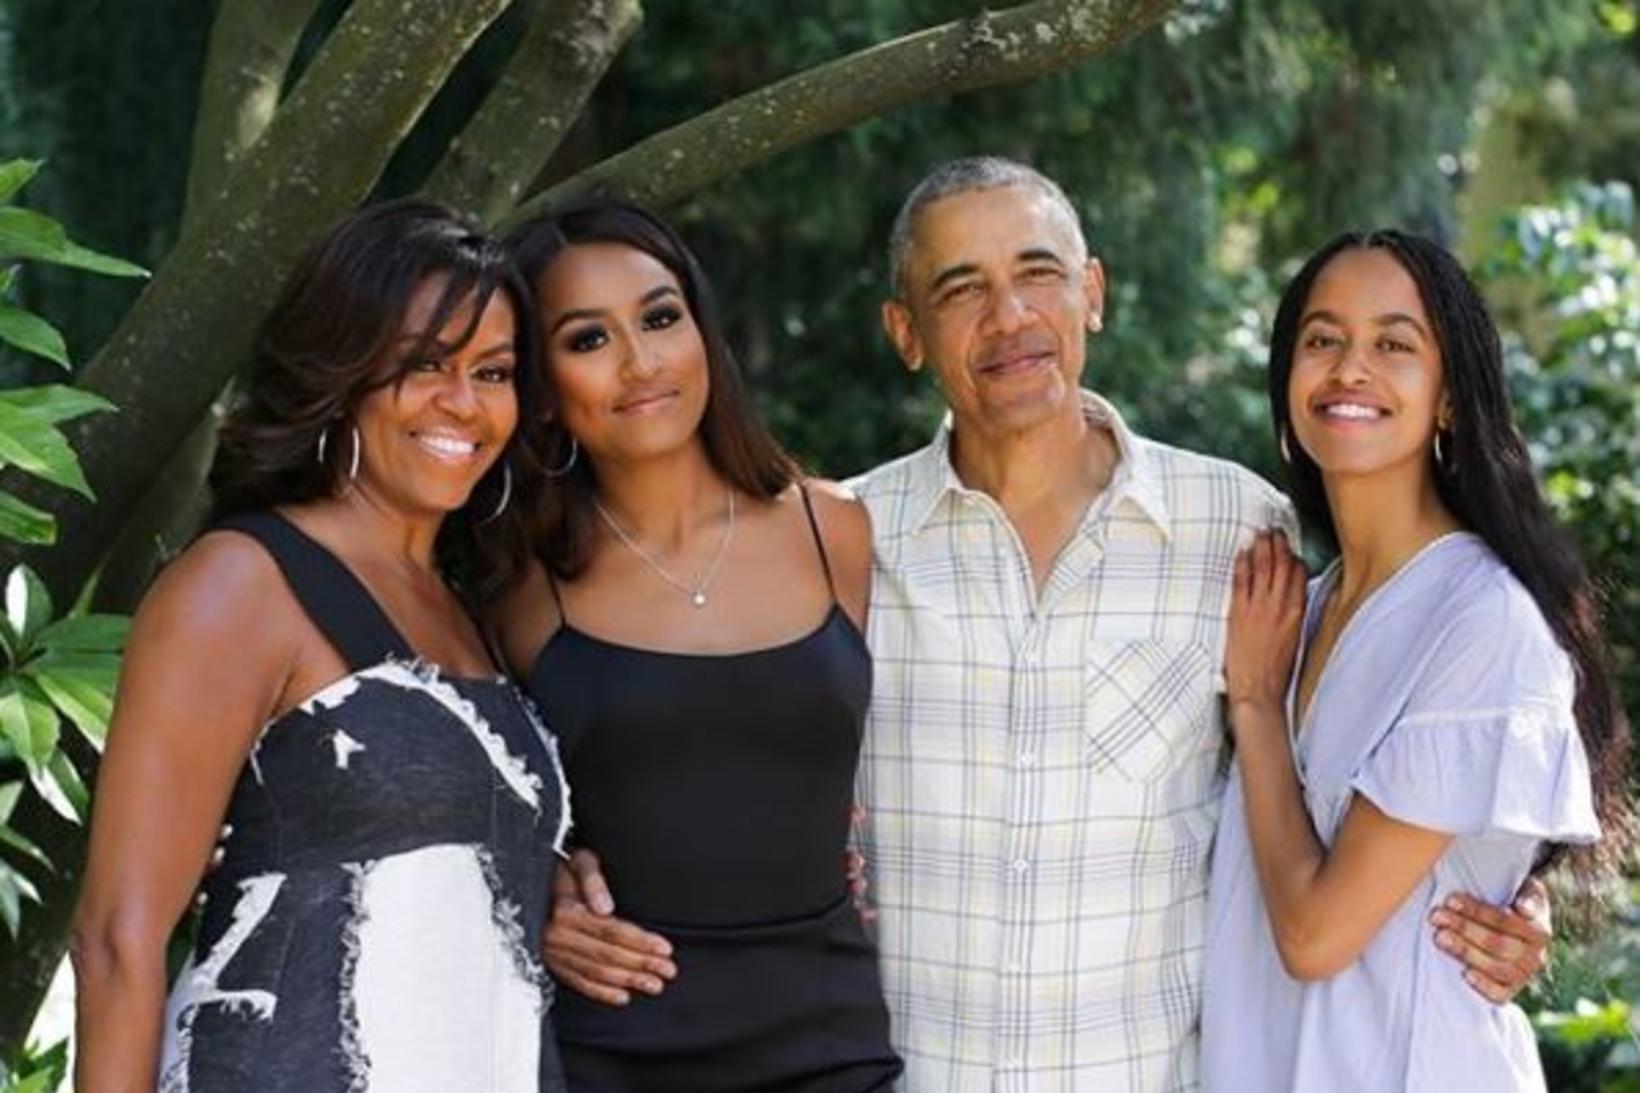 Obama fjölskyldan hefur haft það ágætt í heimsfaraldrinum.